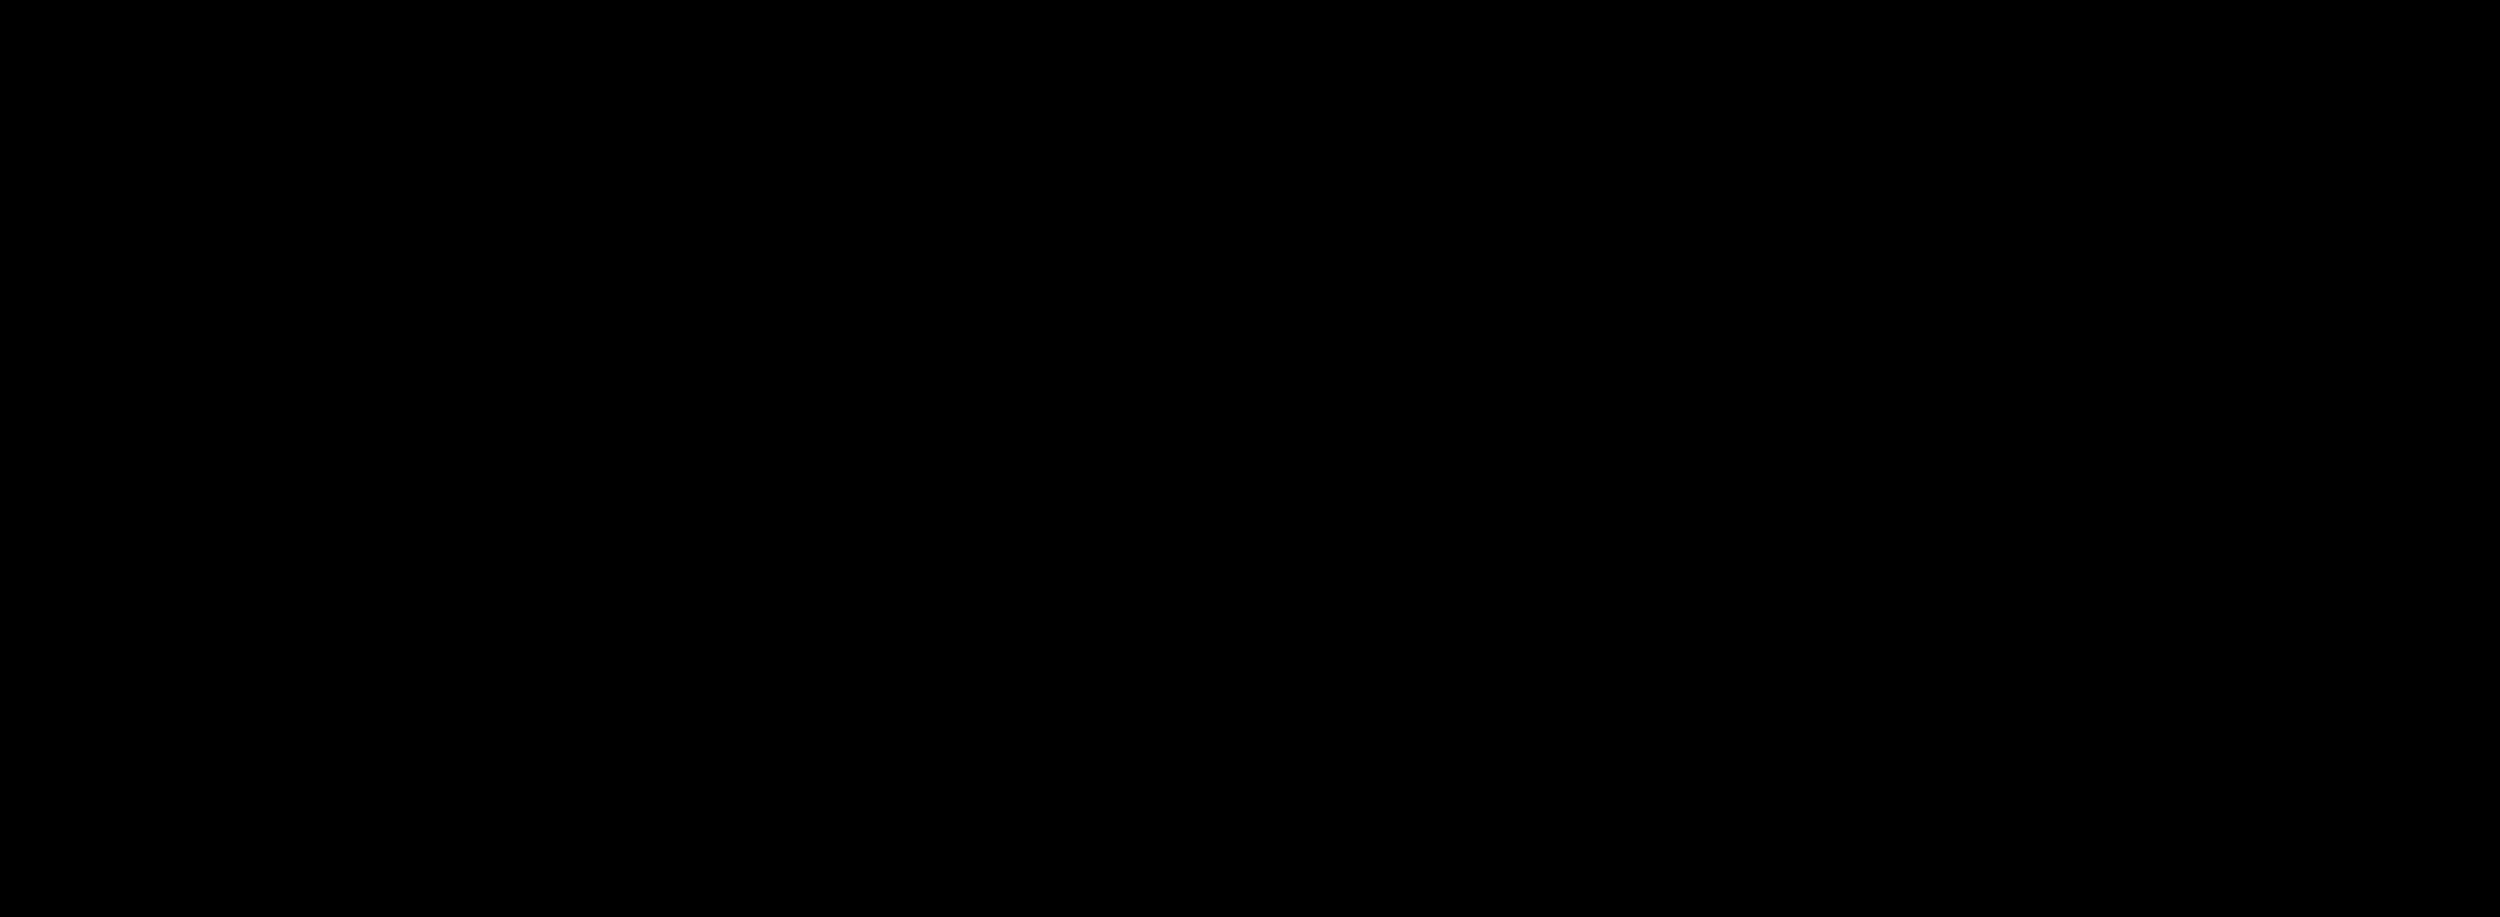 TM_signature-01.png